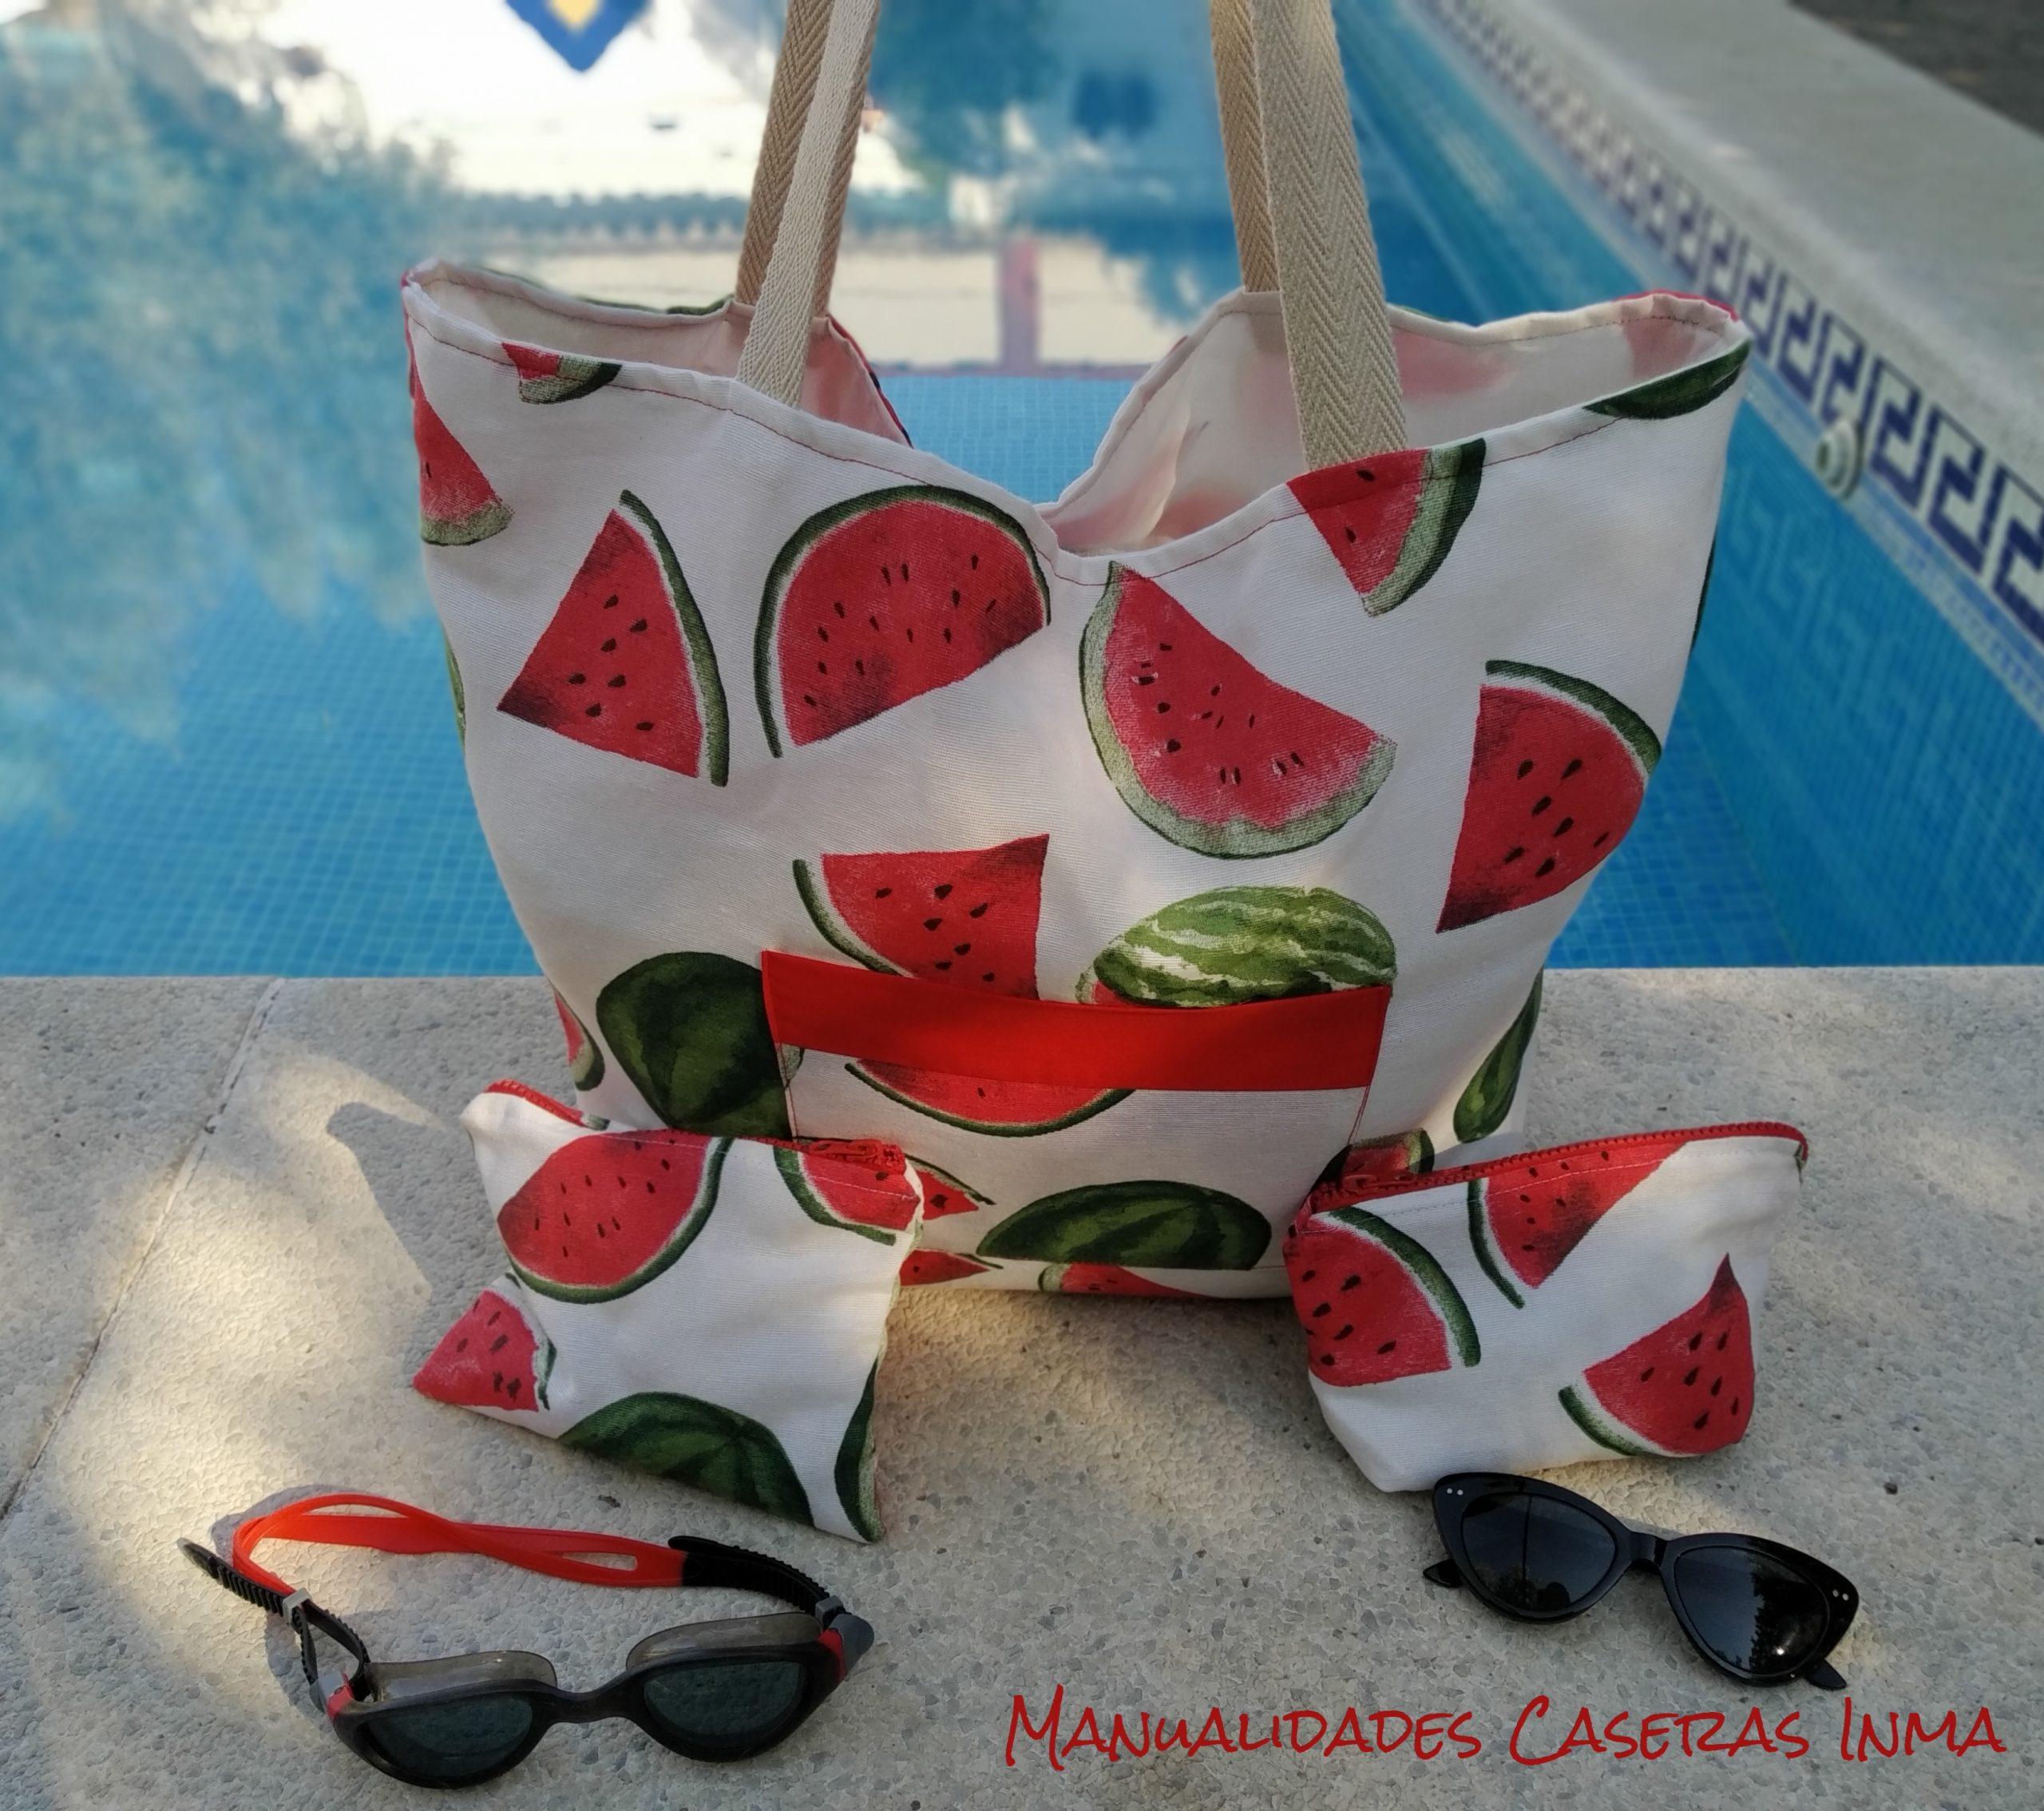 Manualidades Caseras Inma_Bolsa de playa y neceser sandia